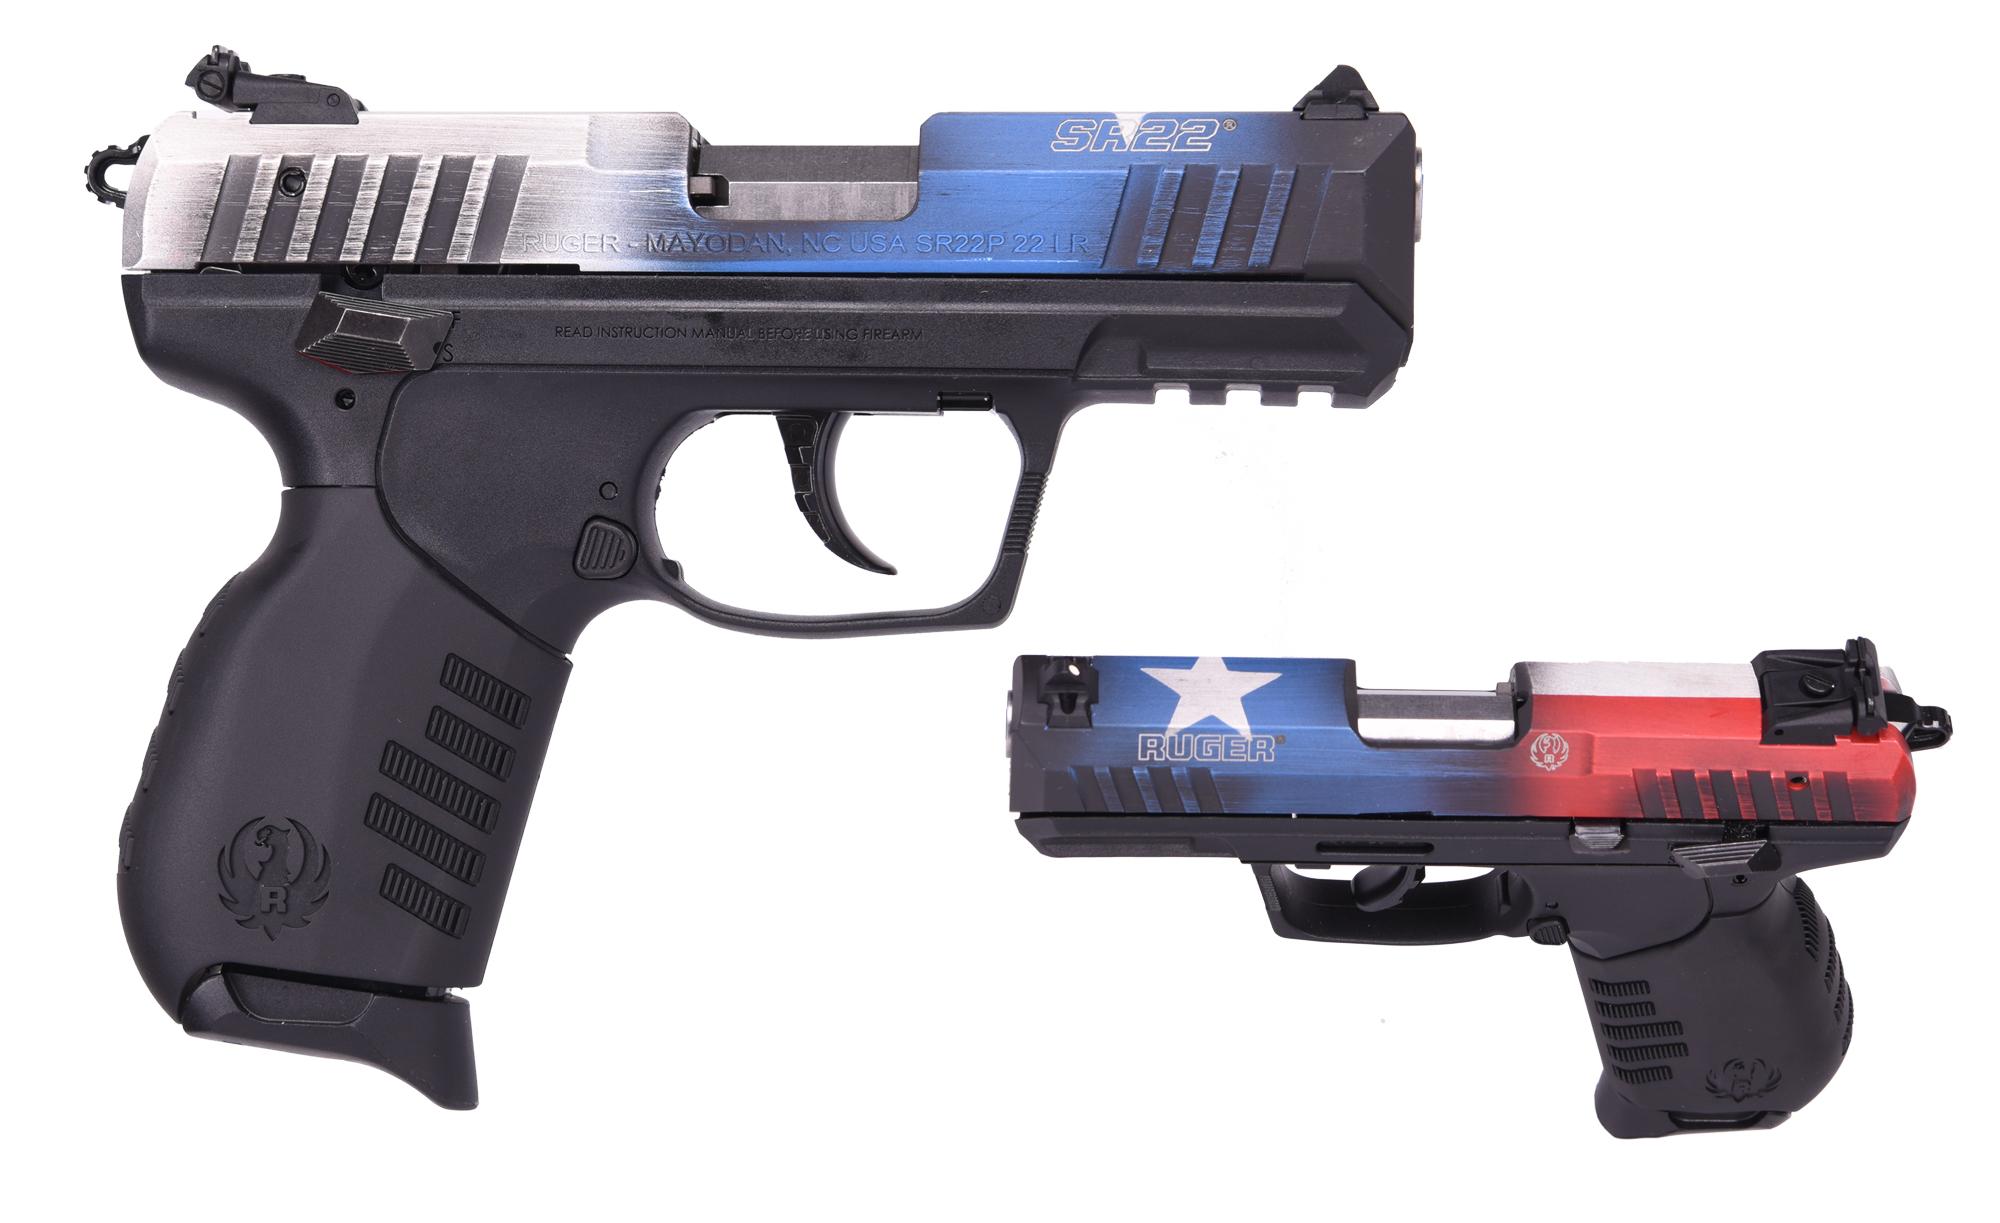 Ruger SR22 22 LR